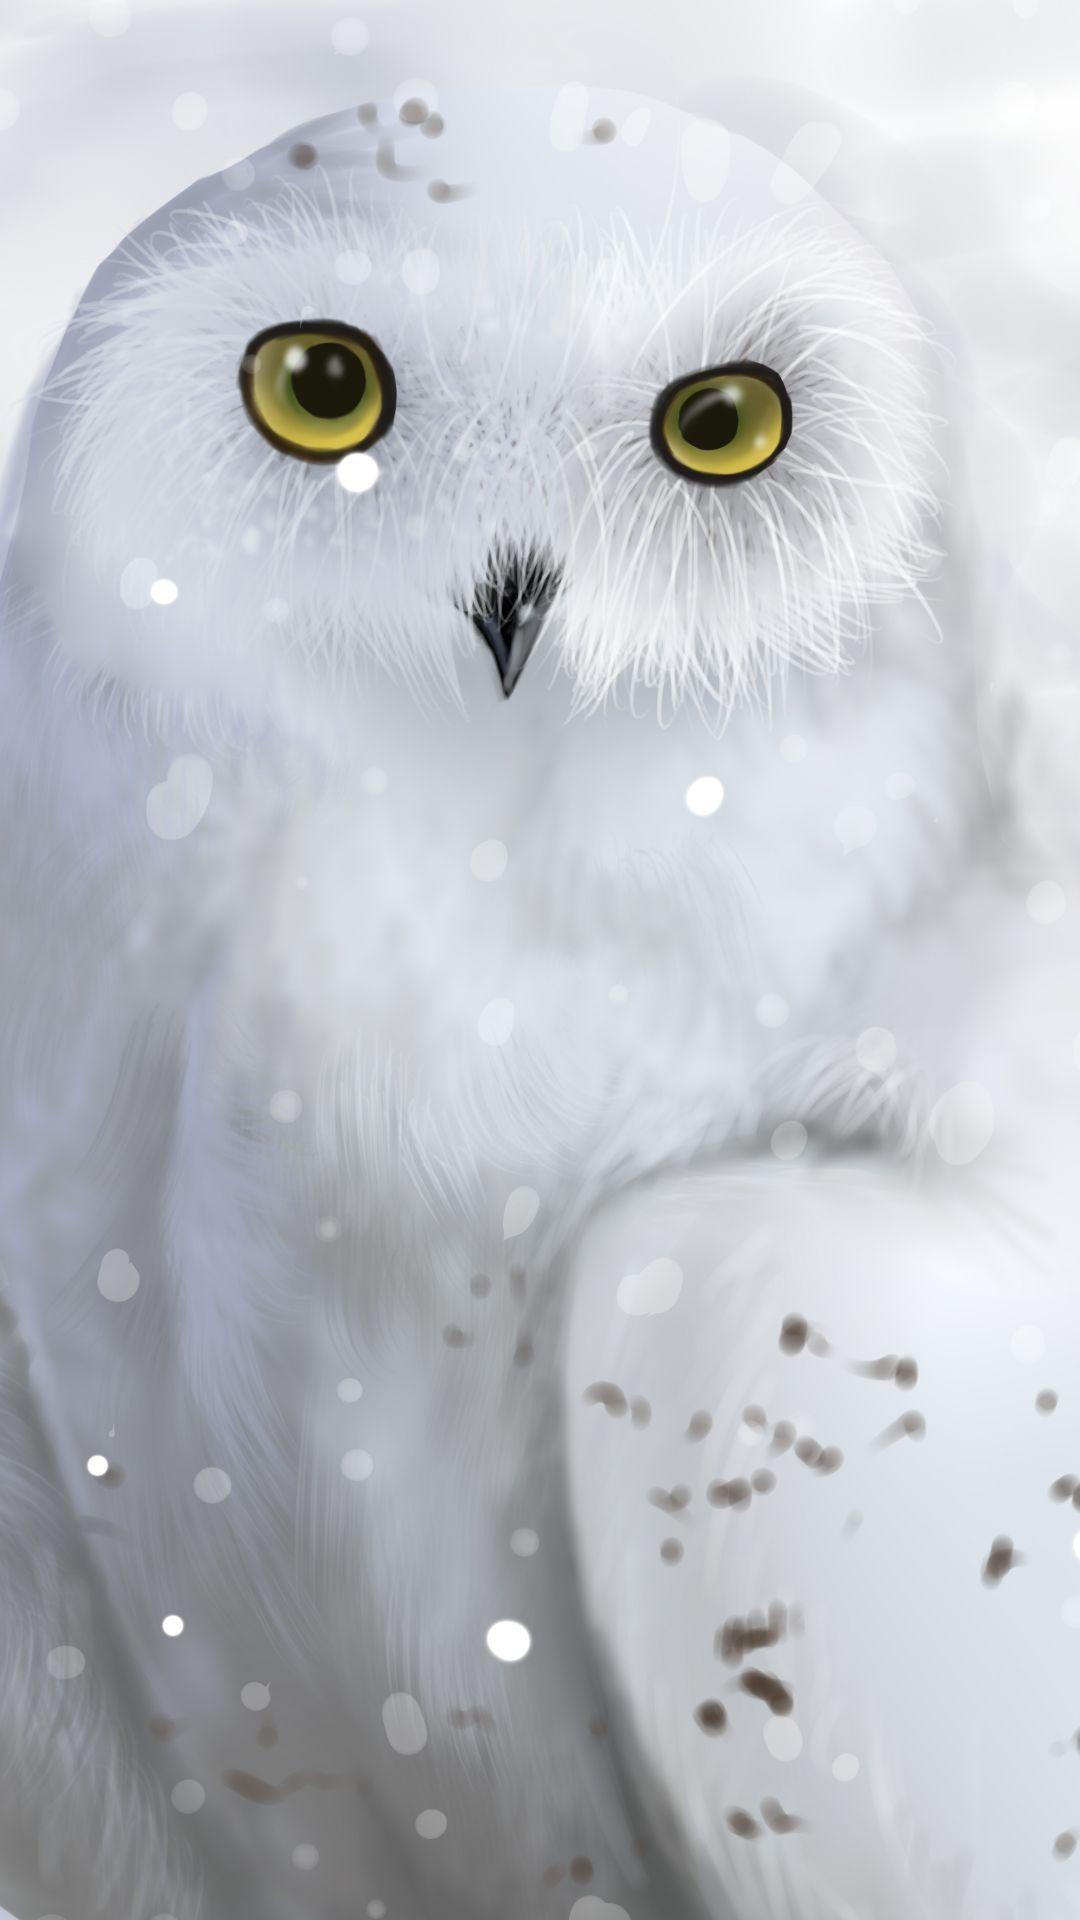 Owl Screensaver : screensaver, Snowy, (1080x1920), Mobile, Wallpaper, Wallpaper,, Drawing